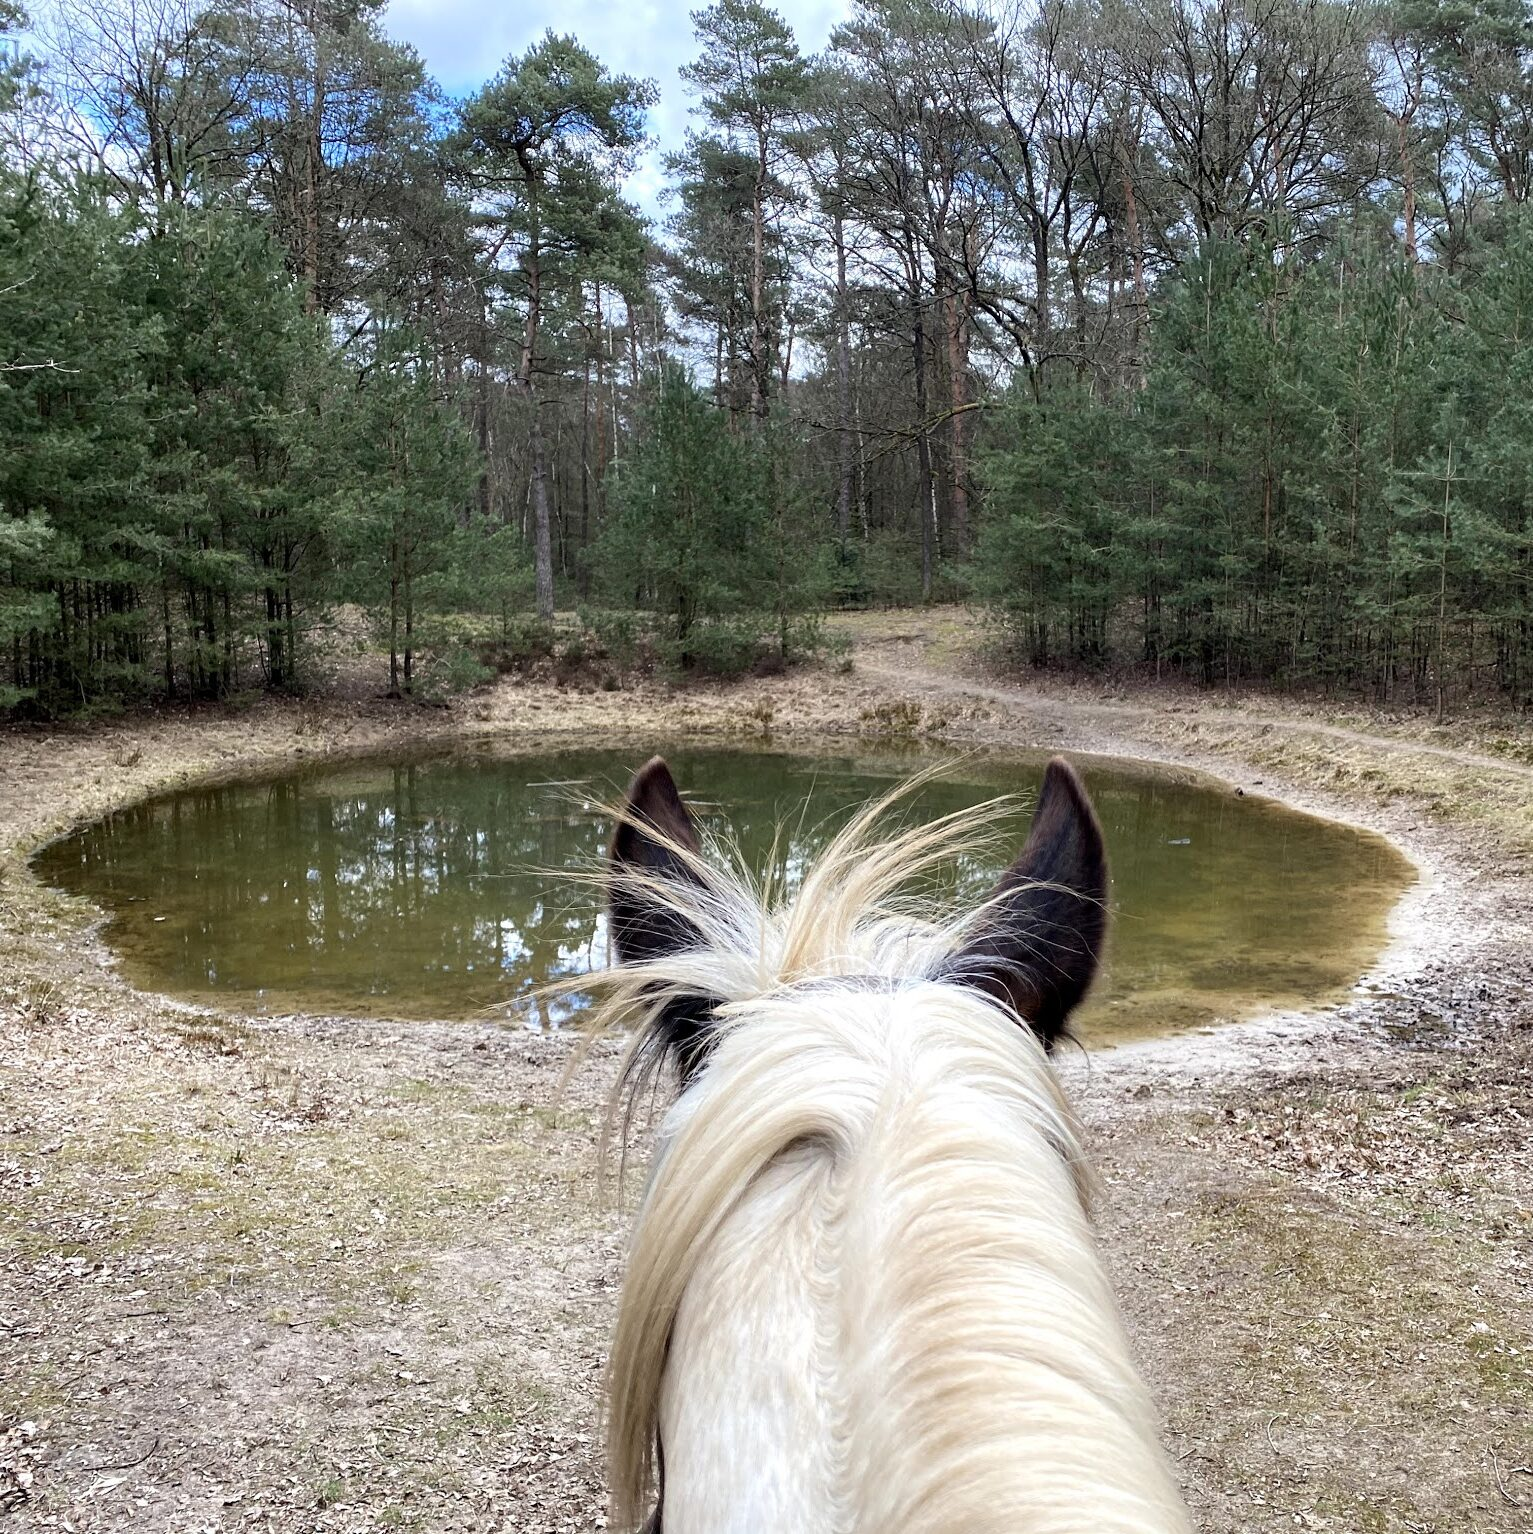 Bij The Mill Ranch kun je afwisselende buitenritten in western-stijl doen. Hier: Drinkpauze bij een waterplas in het bos.